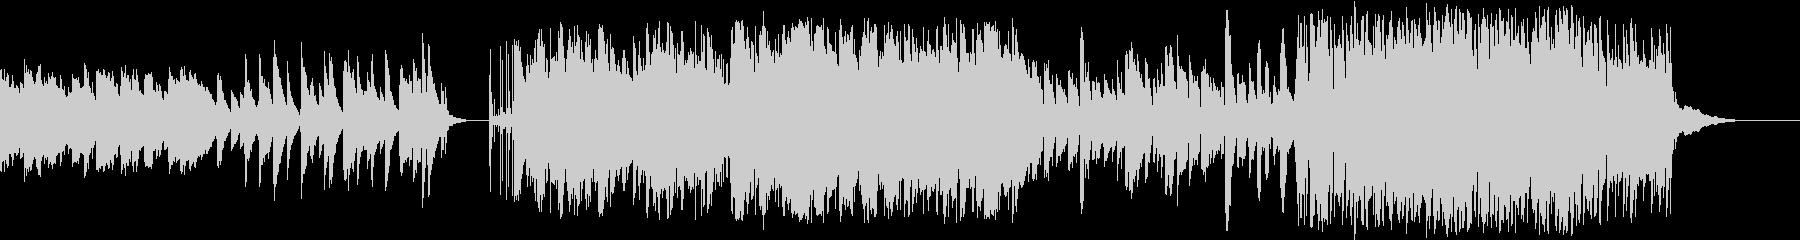 バッハの名曲のメロディを引用したポップスの未再生の波形